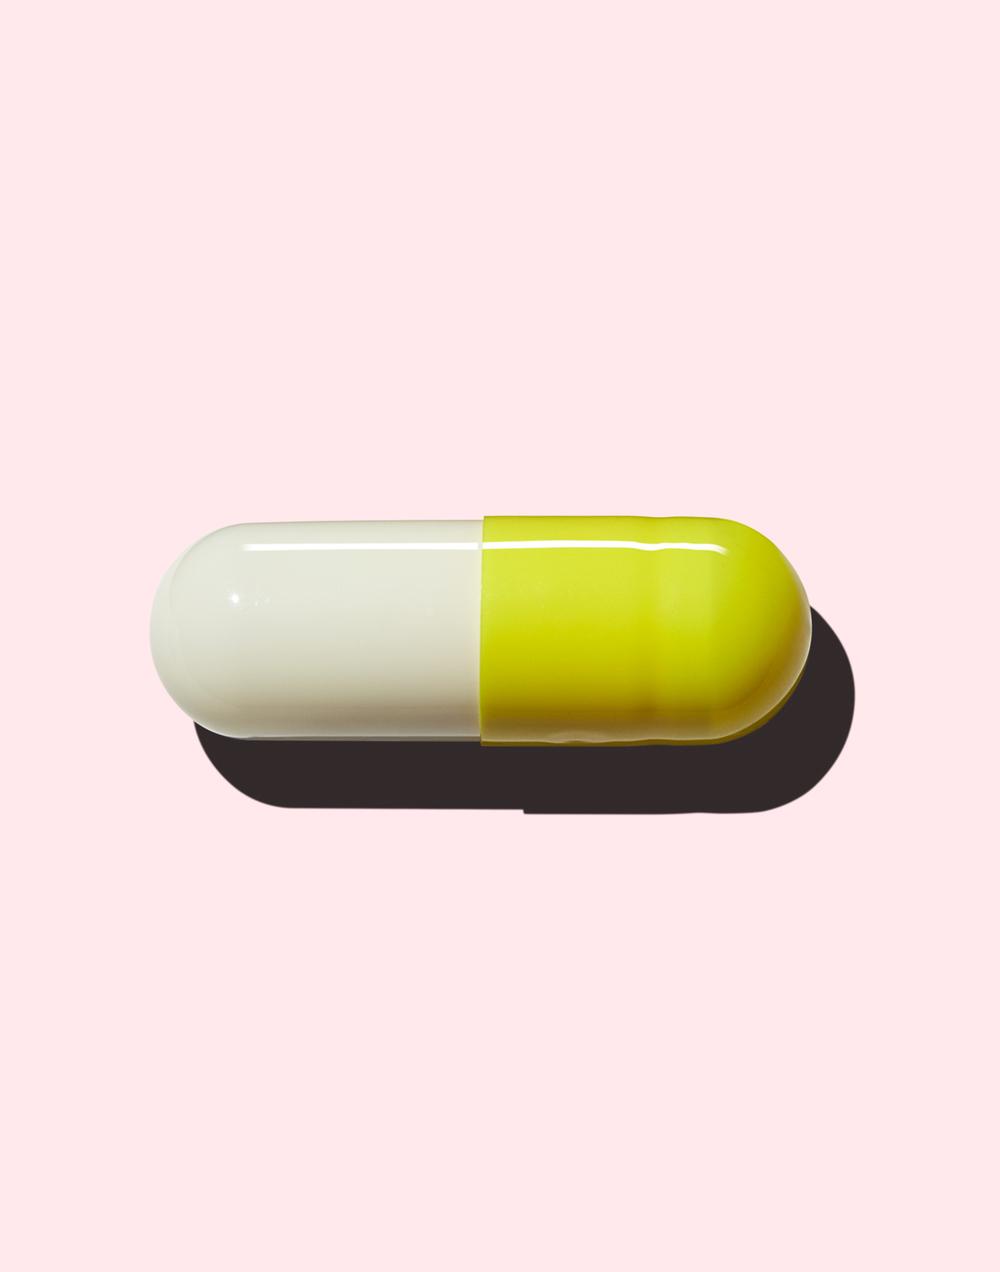 White-&-Yellow-Pill.jpg